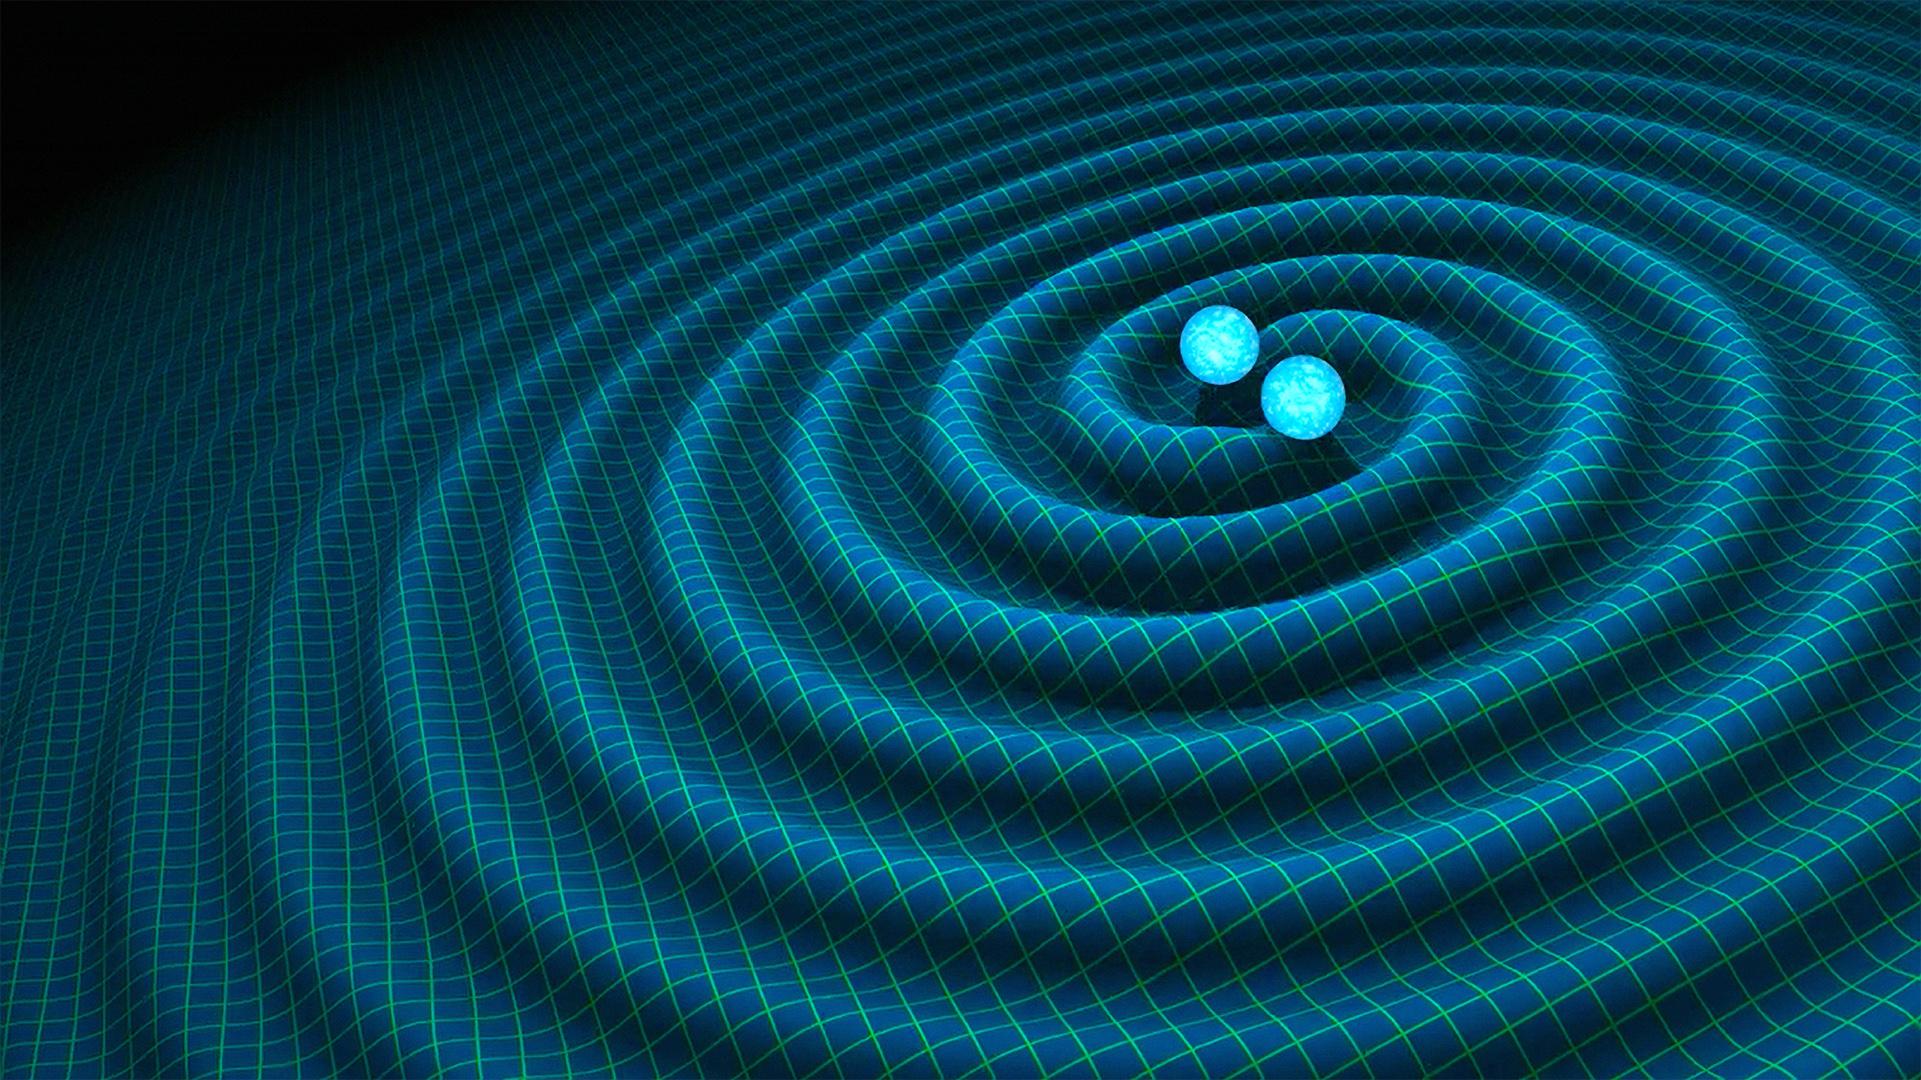 Elaborazione grafica di onde gravitazionali (NASA - sito ufficiale)